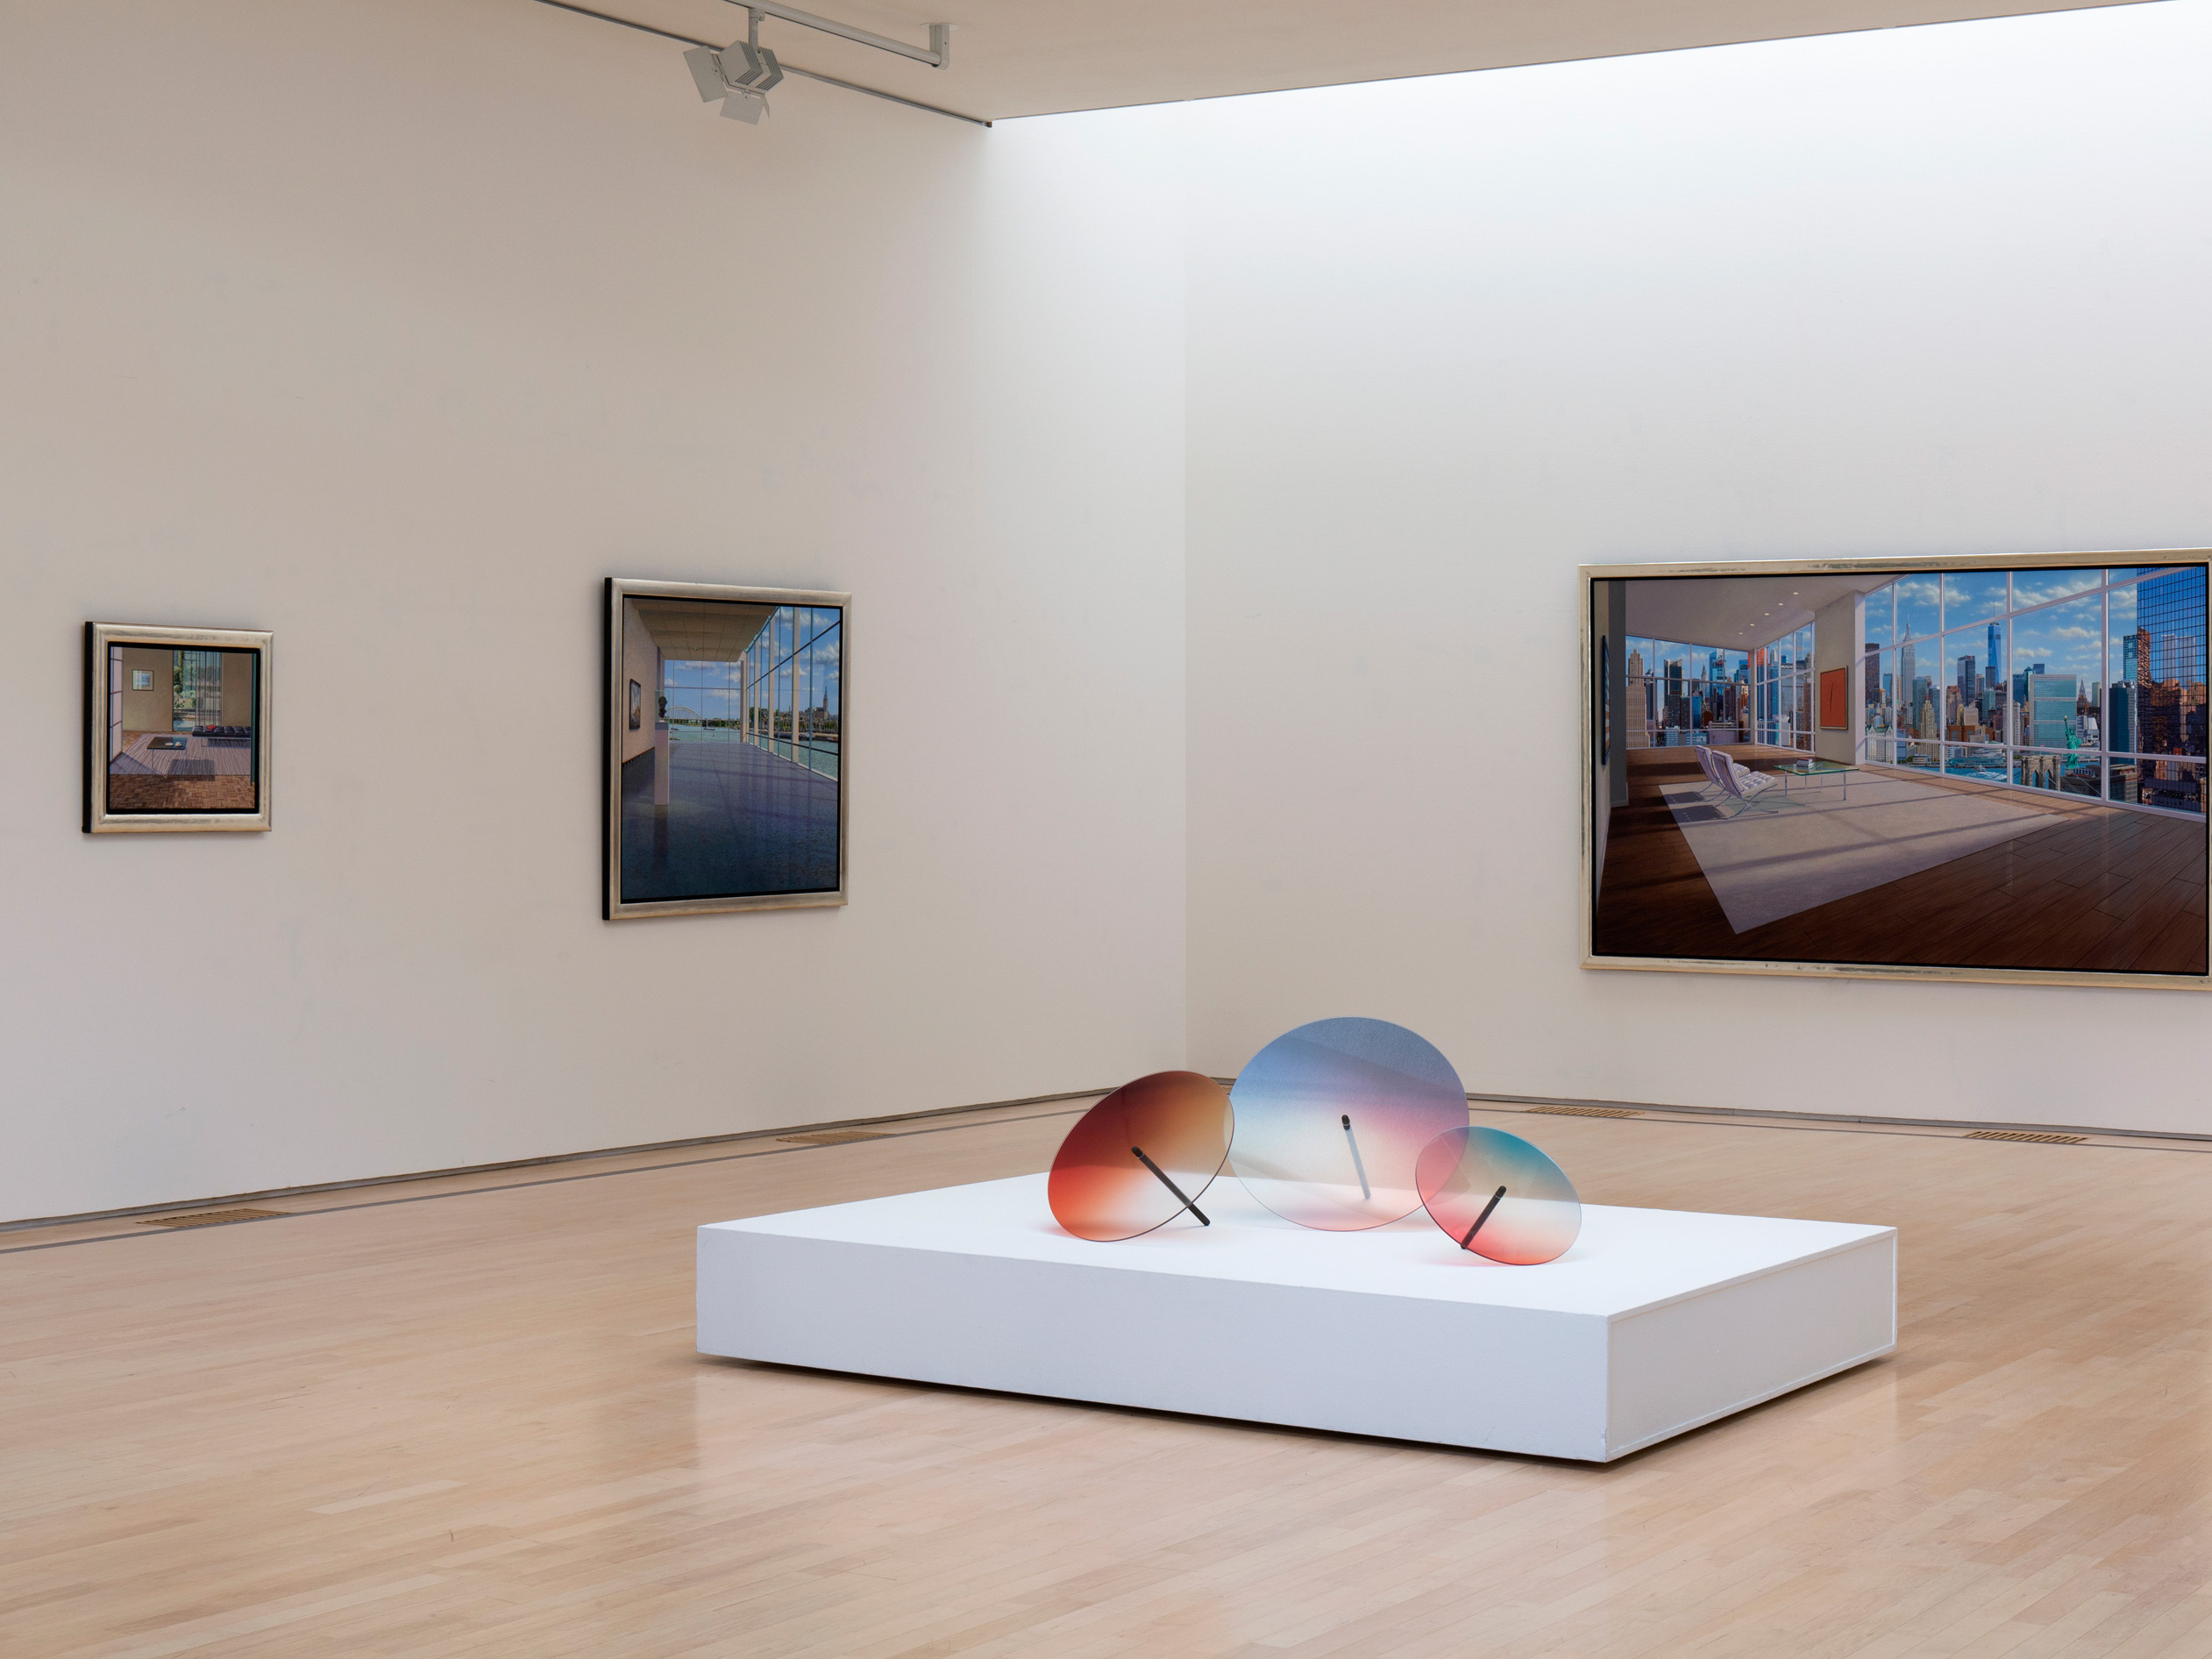 Colored wheels, tentoonstelling in Museum Jan van der Togt in Amstelveen door kunstschilder Willem van Veldhuizen